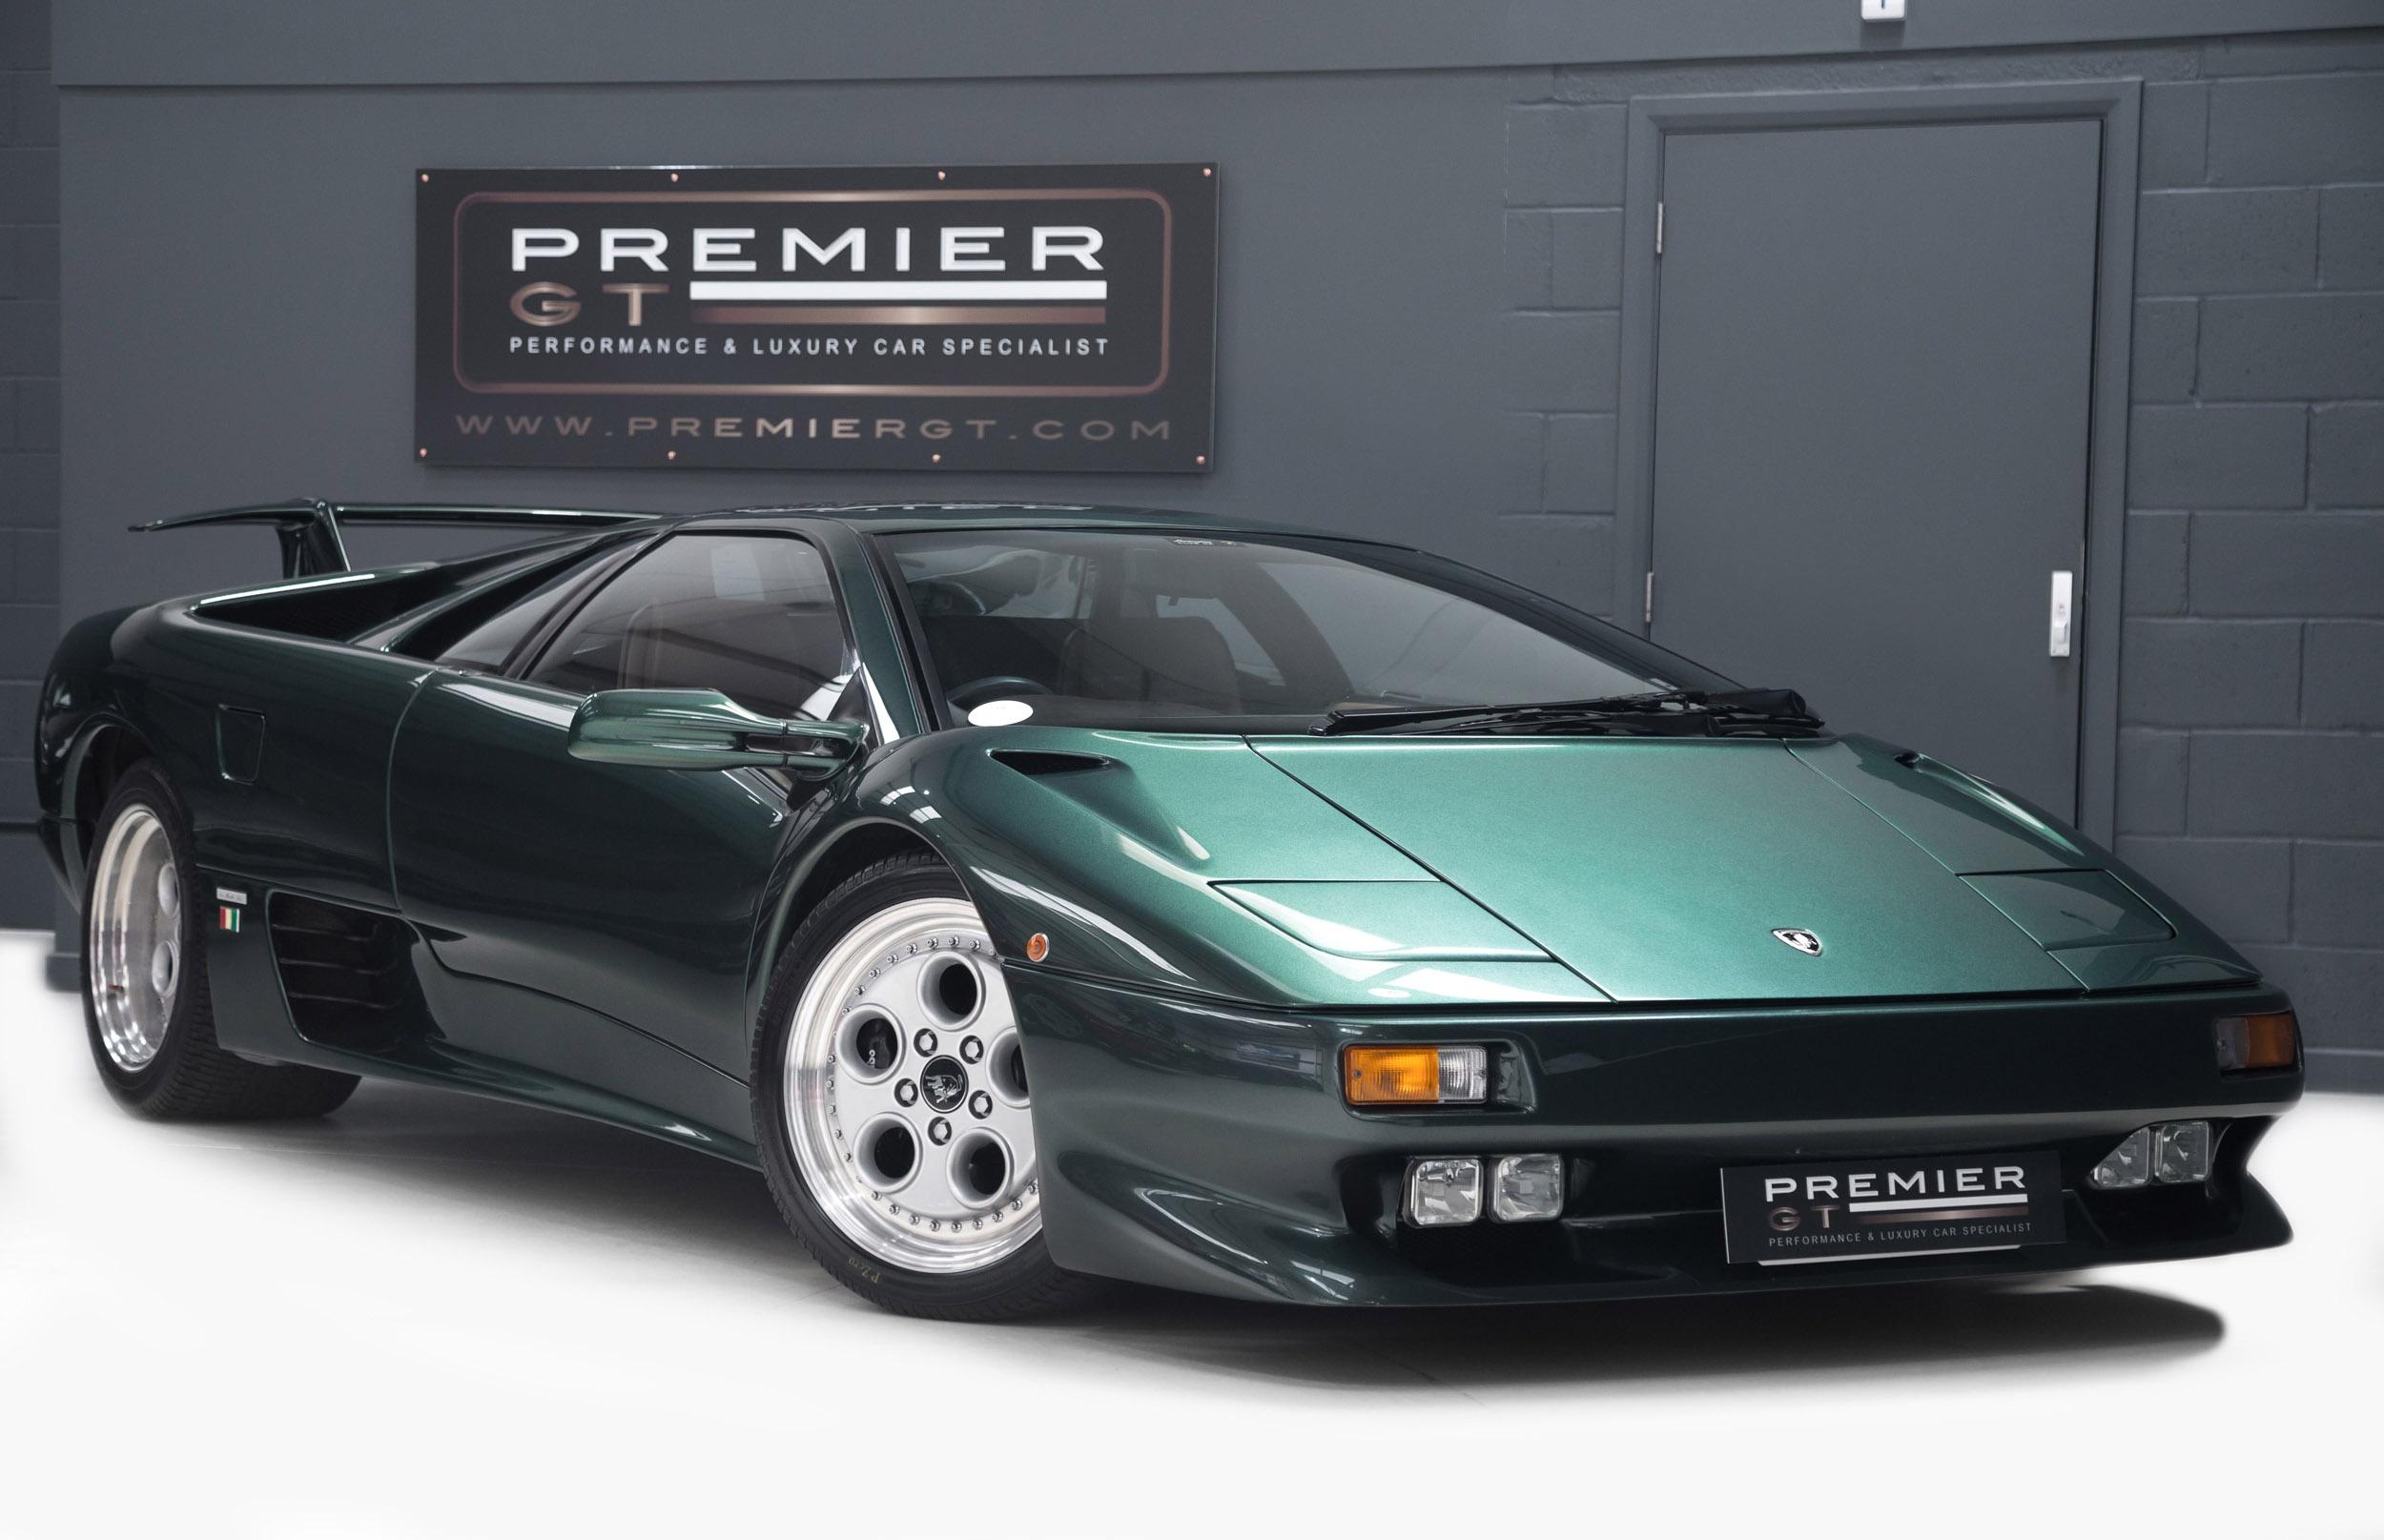 1997 Lamborghini Diablo Vt 5 7 V12 Coupe Very Rare Low Mileage